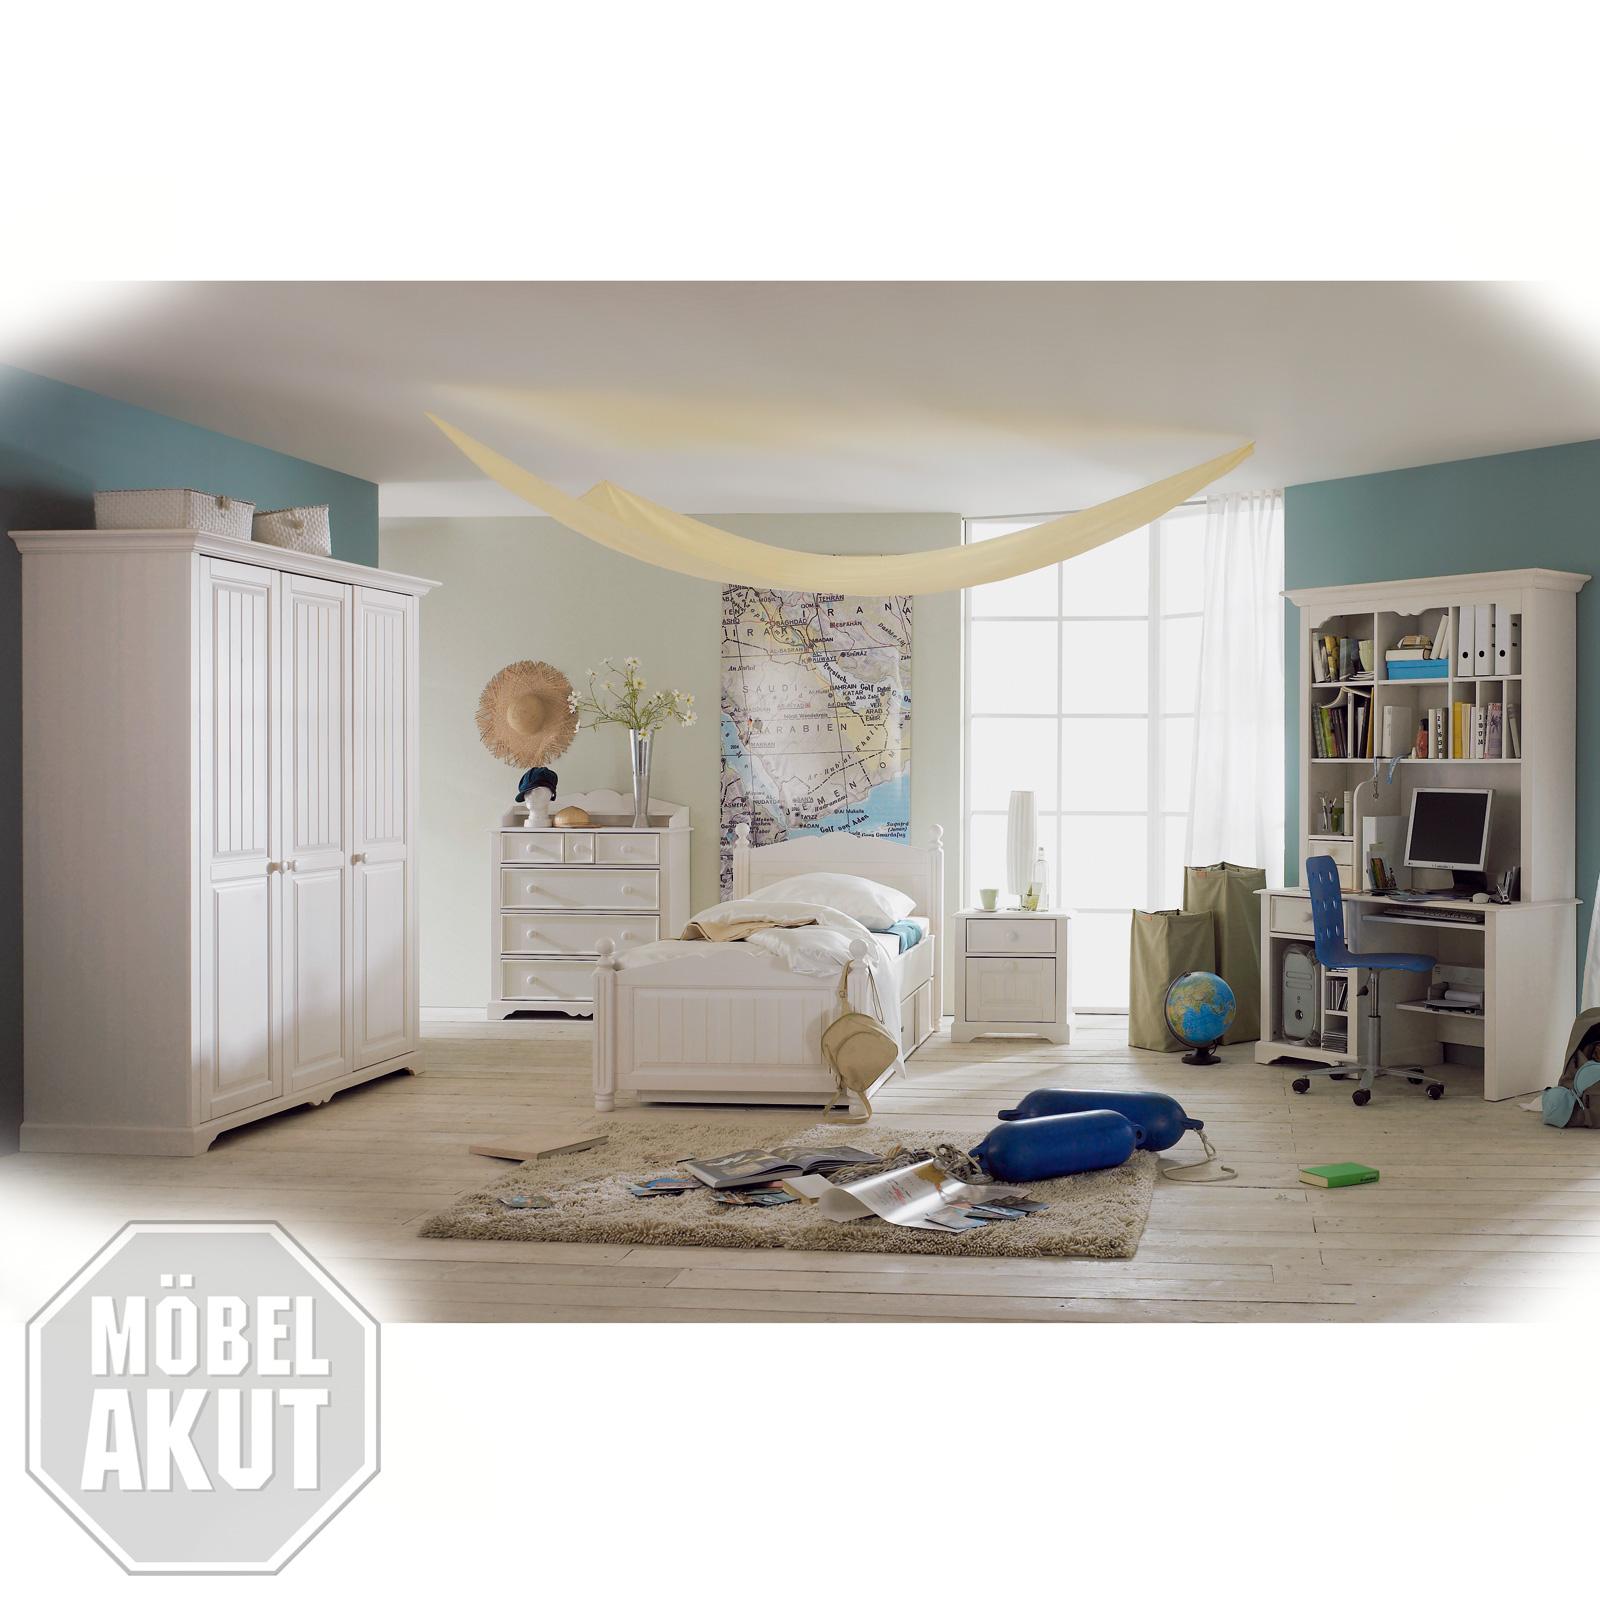 7 tlg jugendzimmer luzi kiefer massiv wei neu ebay for Jugendzimmer steffi saegerauh 7 tlg